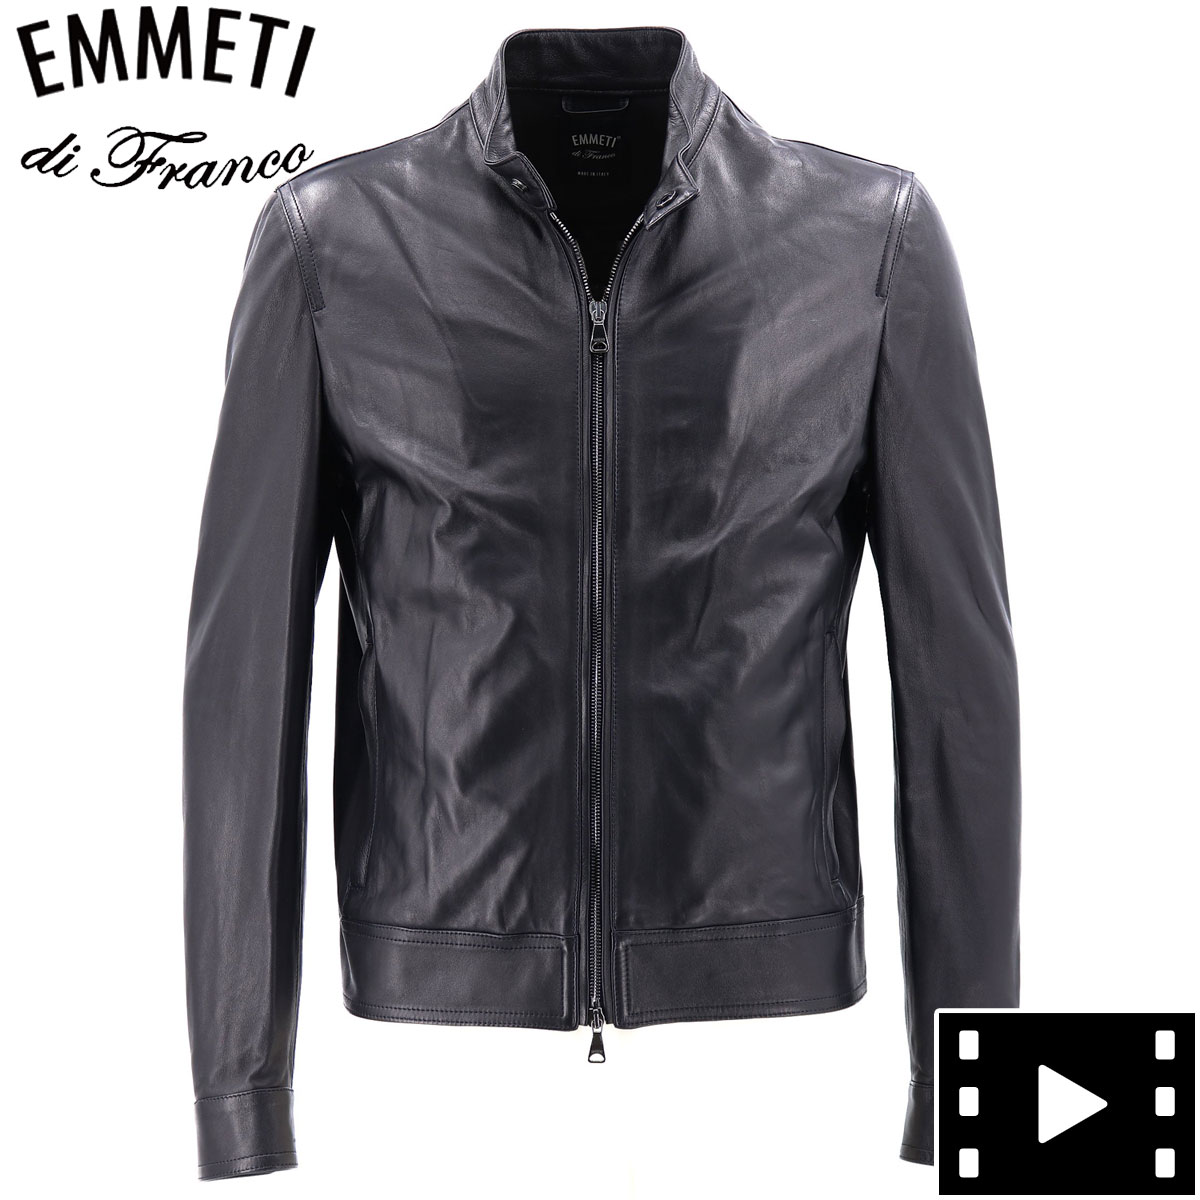 エンメティ EMMETI 0.5mm厚 ラムスキン ナッパシルク シングルライダースジャケット ユーリ JURI EMT NS 20AIJURINS(ブラック)秋冬新作